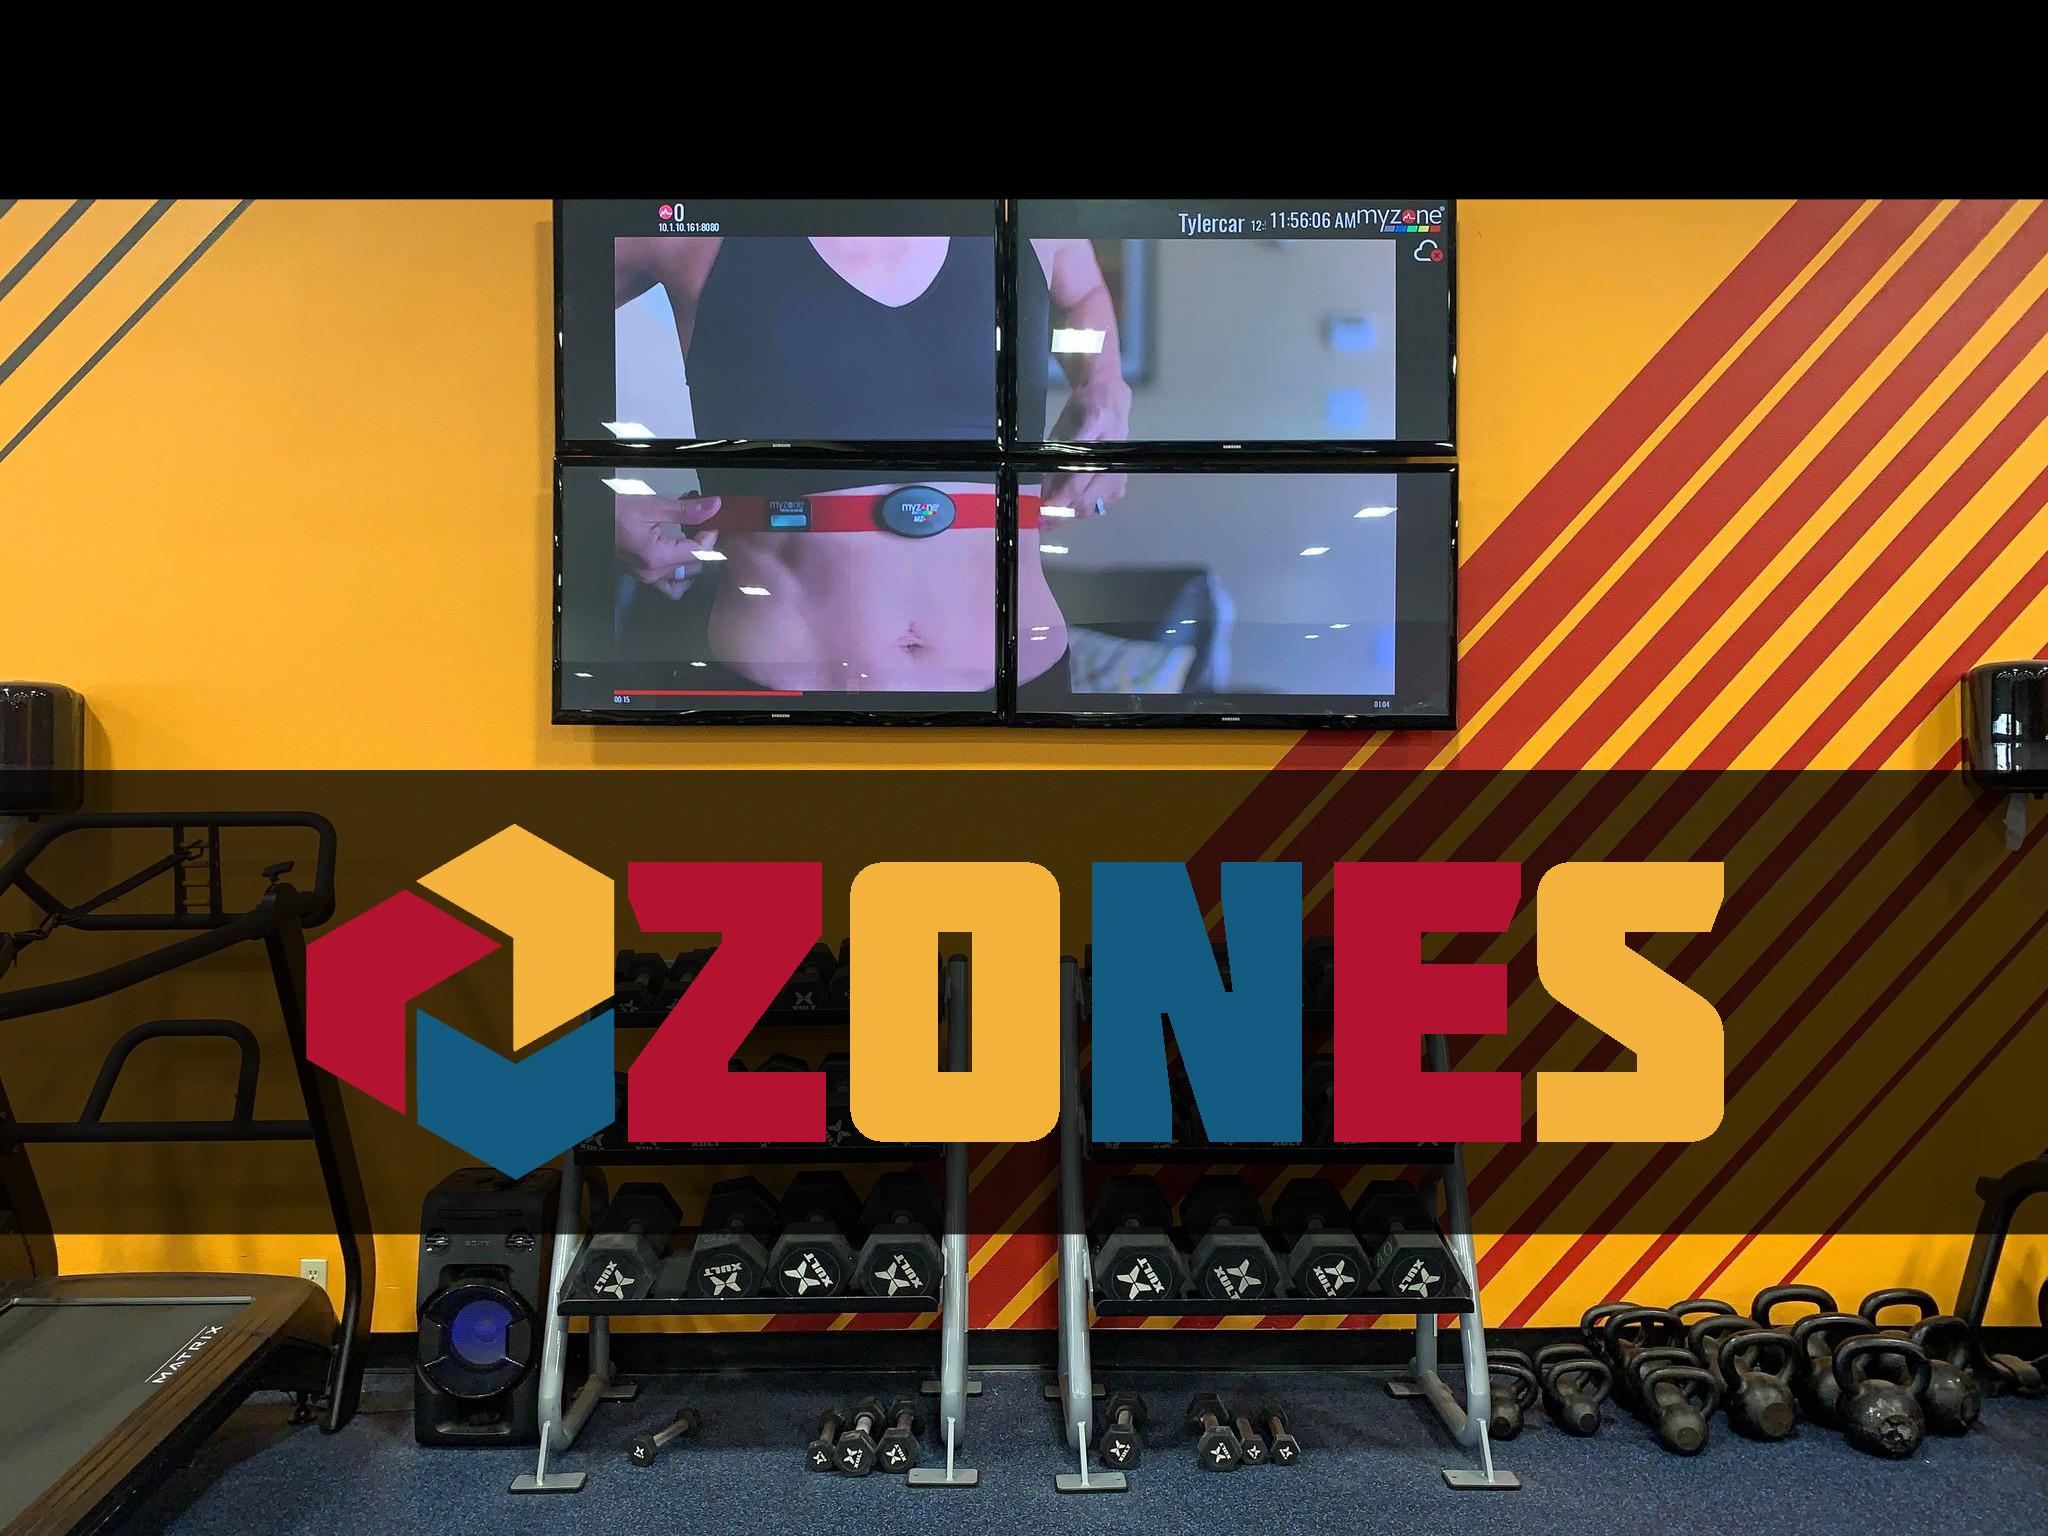 E-Zones with Tyler